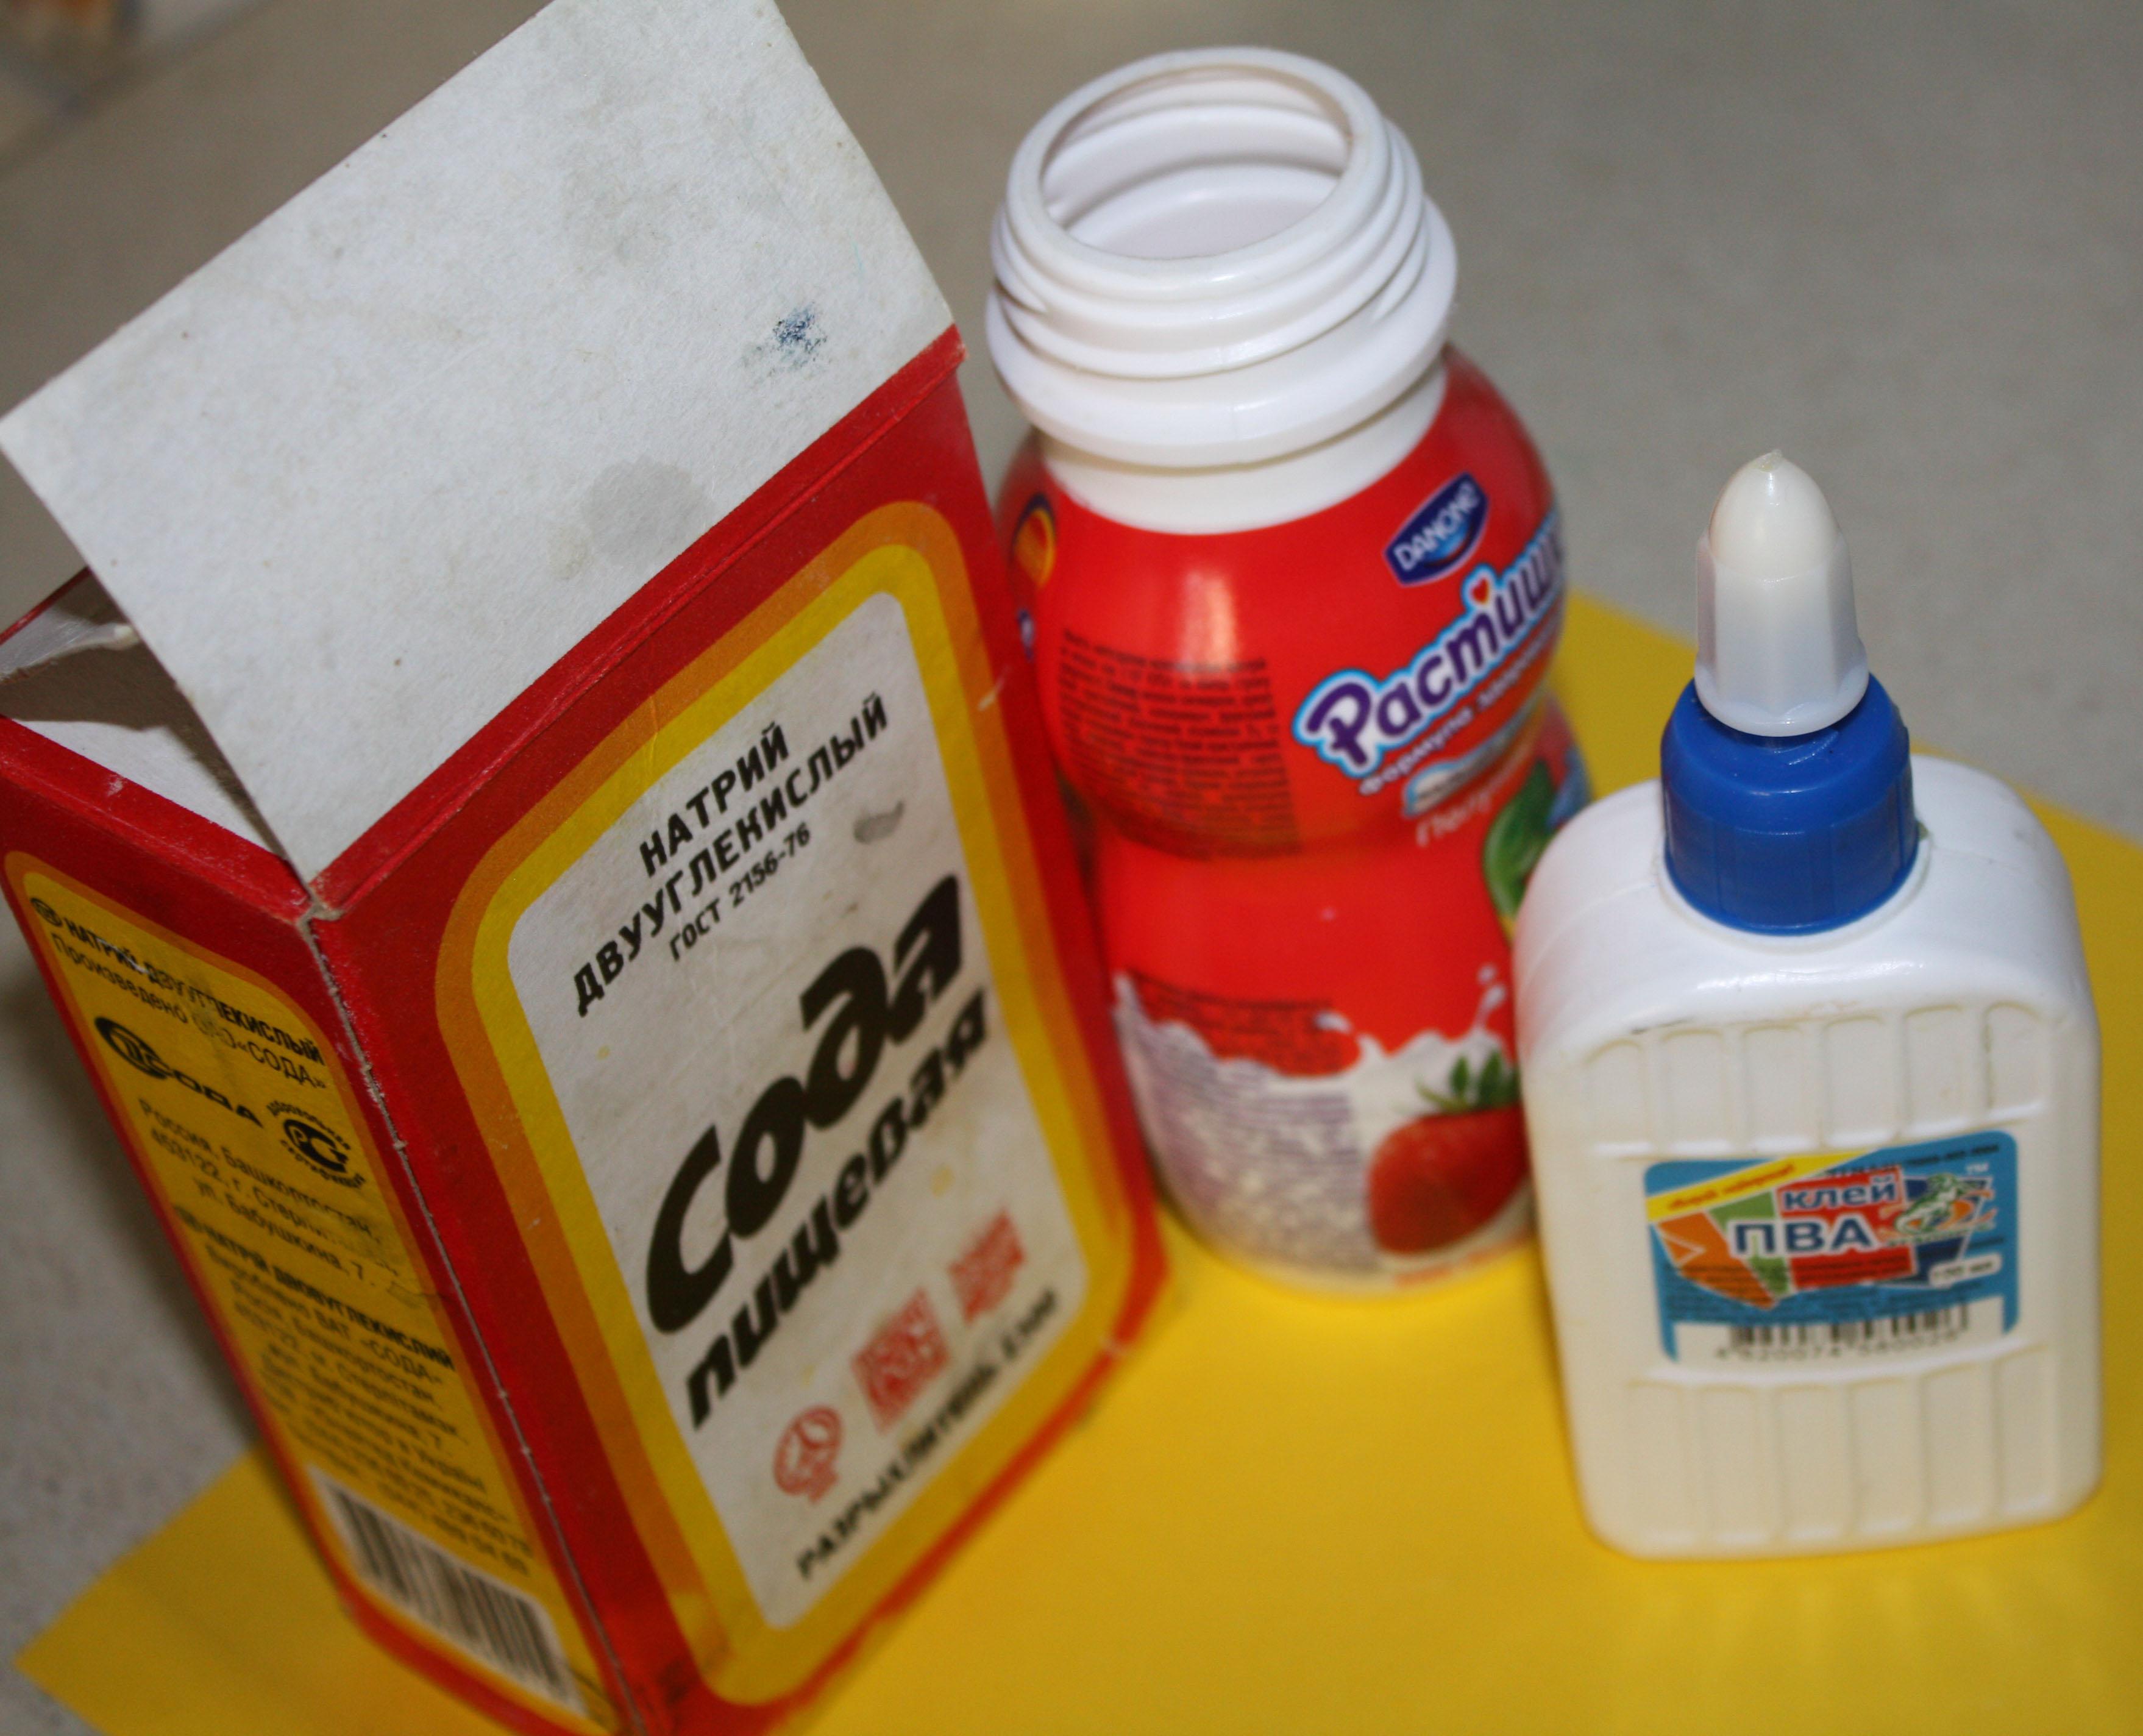 ingredienty Хотите увидеть восторг своего ребенка?